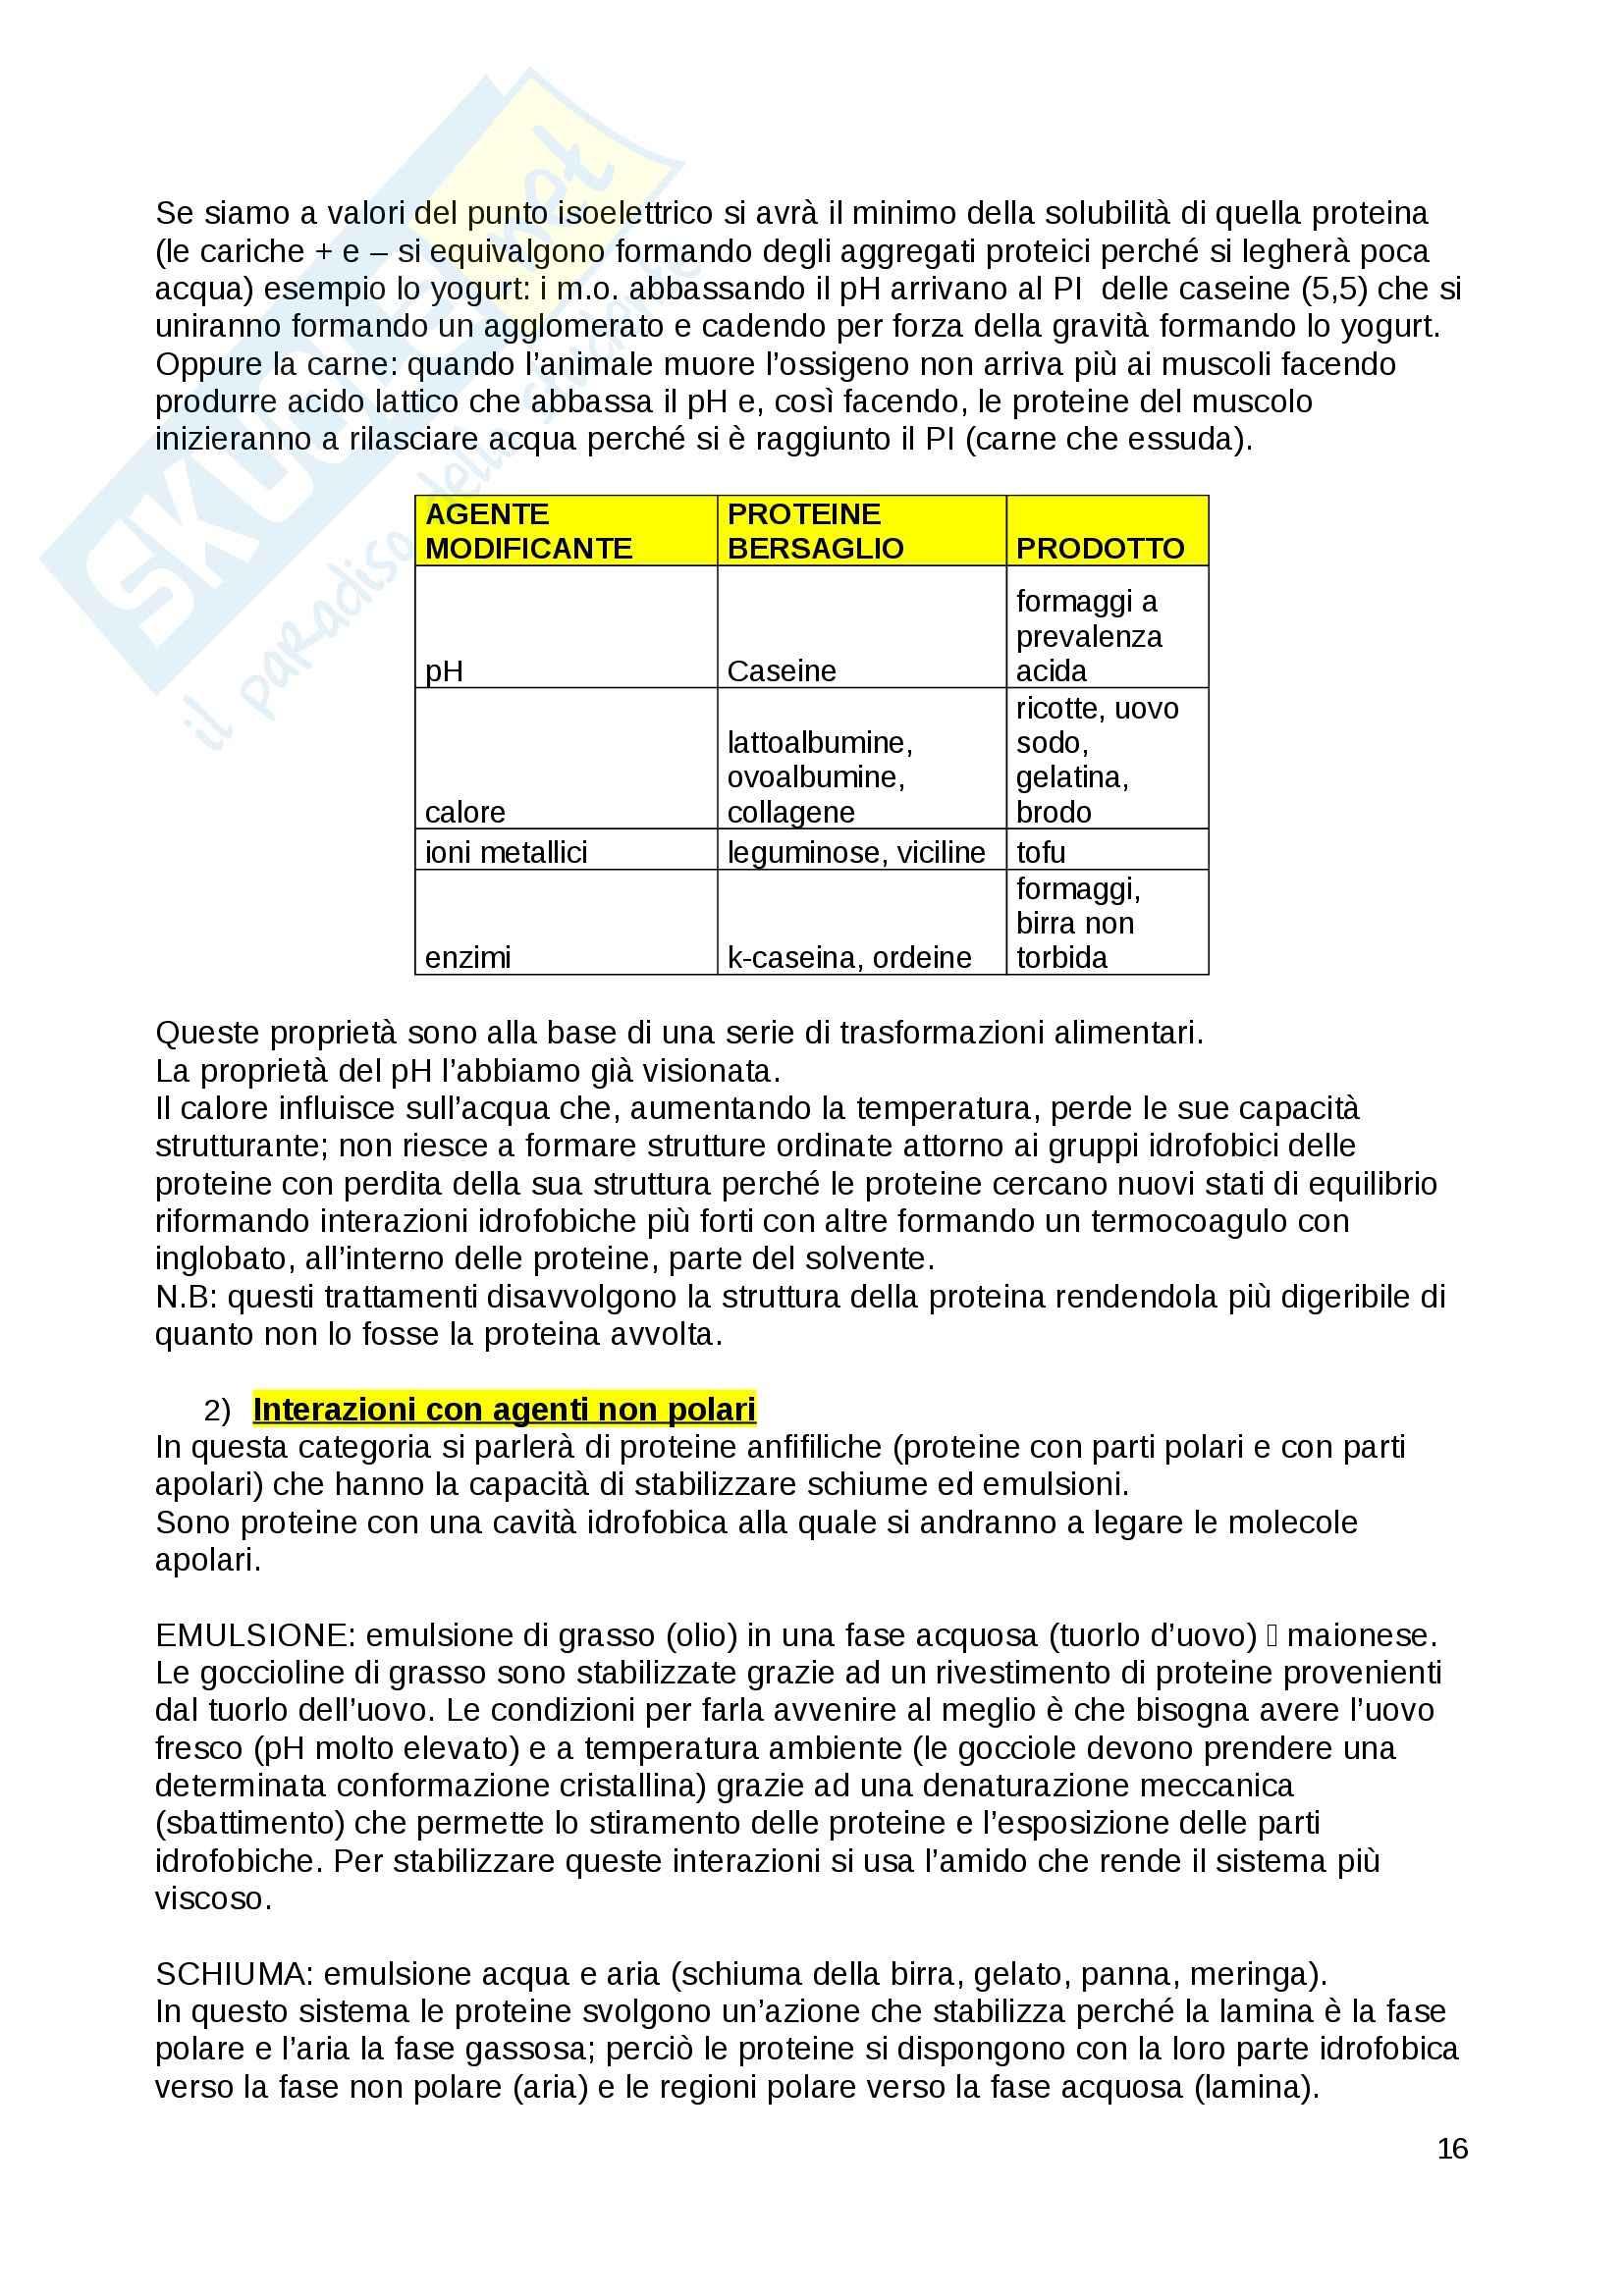 Biochimica generale - Appunti Pag. 16